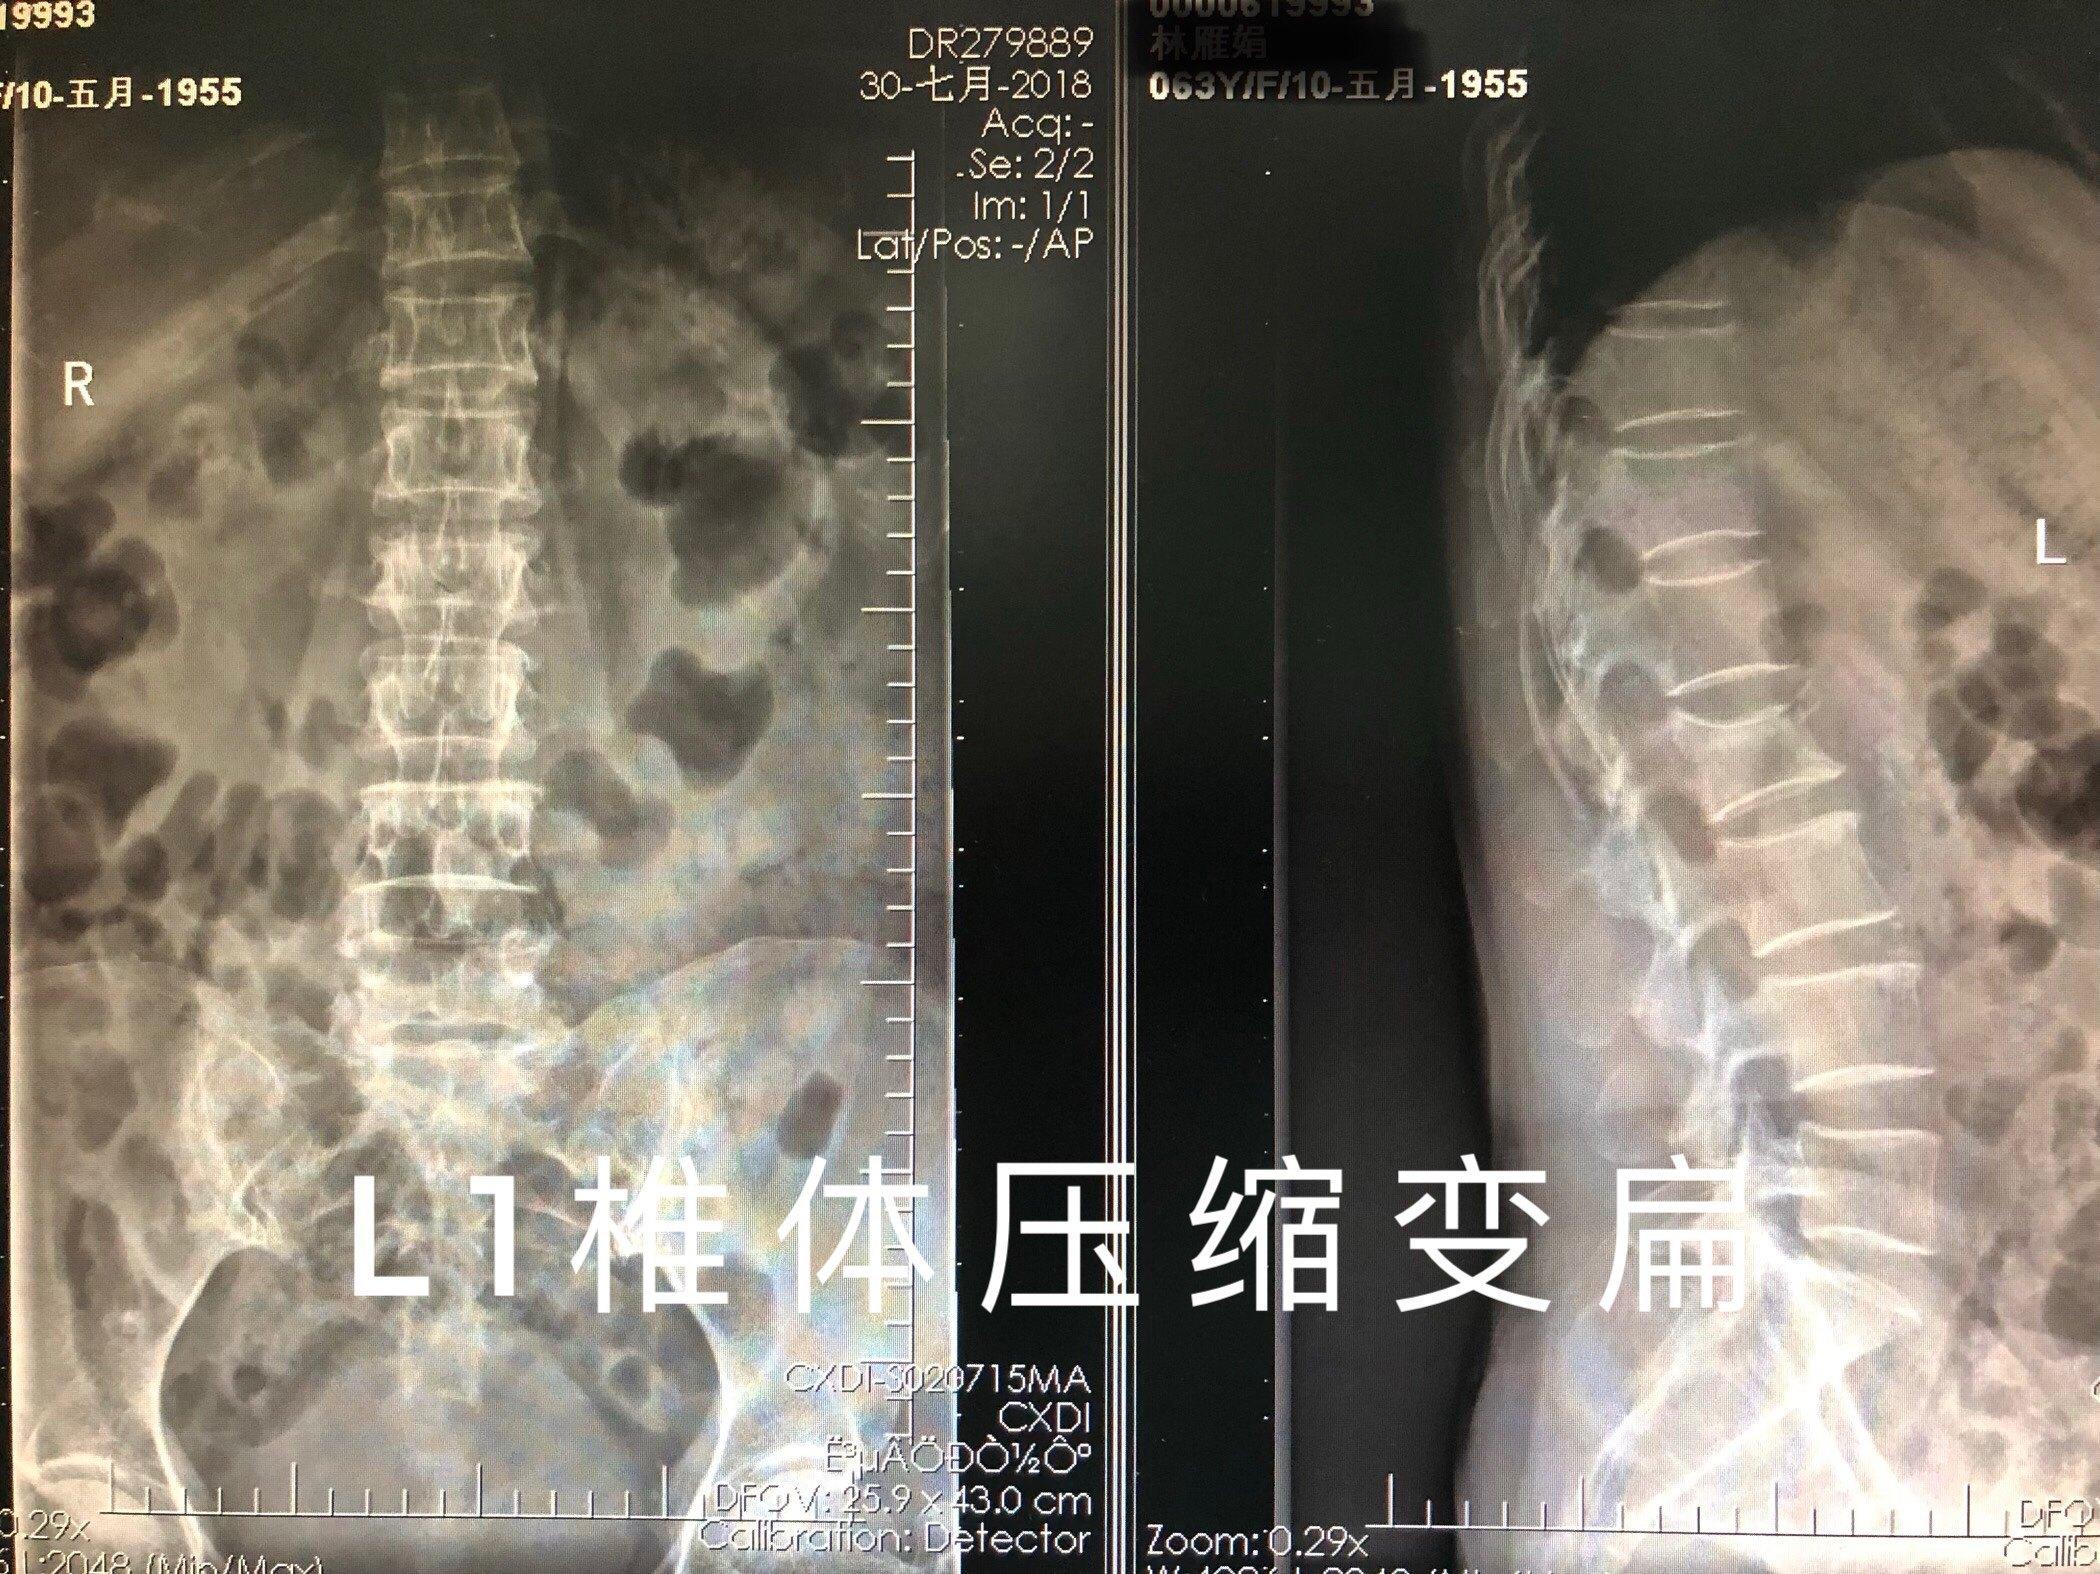 腰椎骨压缩性骨折图片